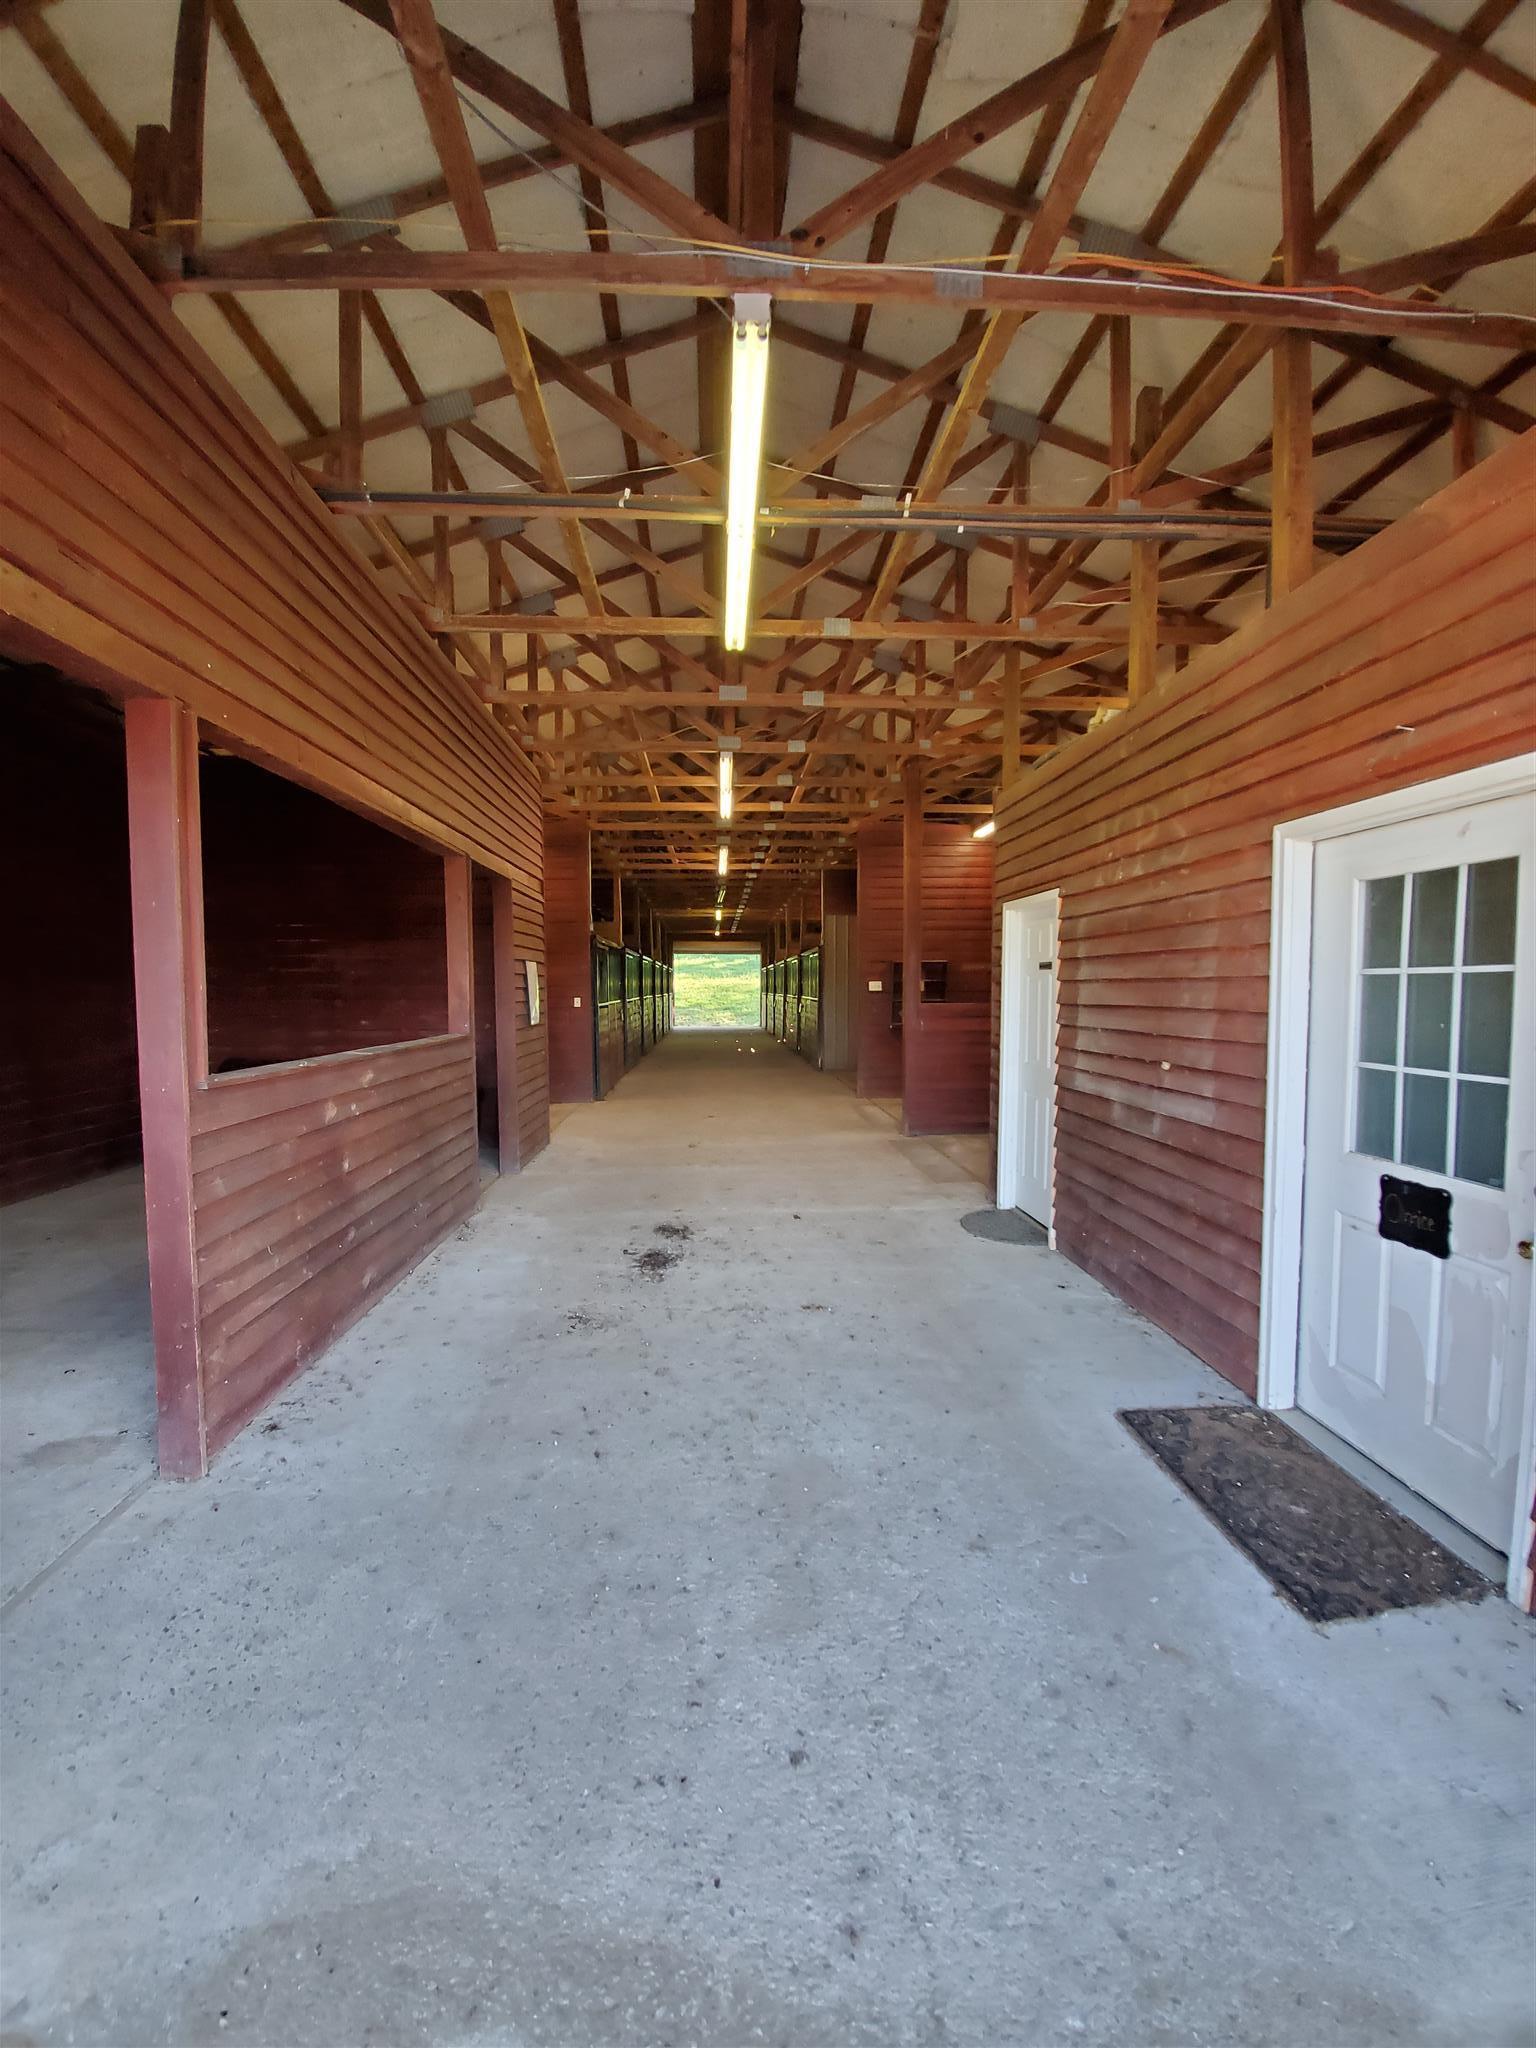 7340 Delina Rd, Petersburg, TN 37144 - Petersburg, TN real estate listing